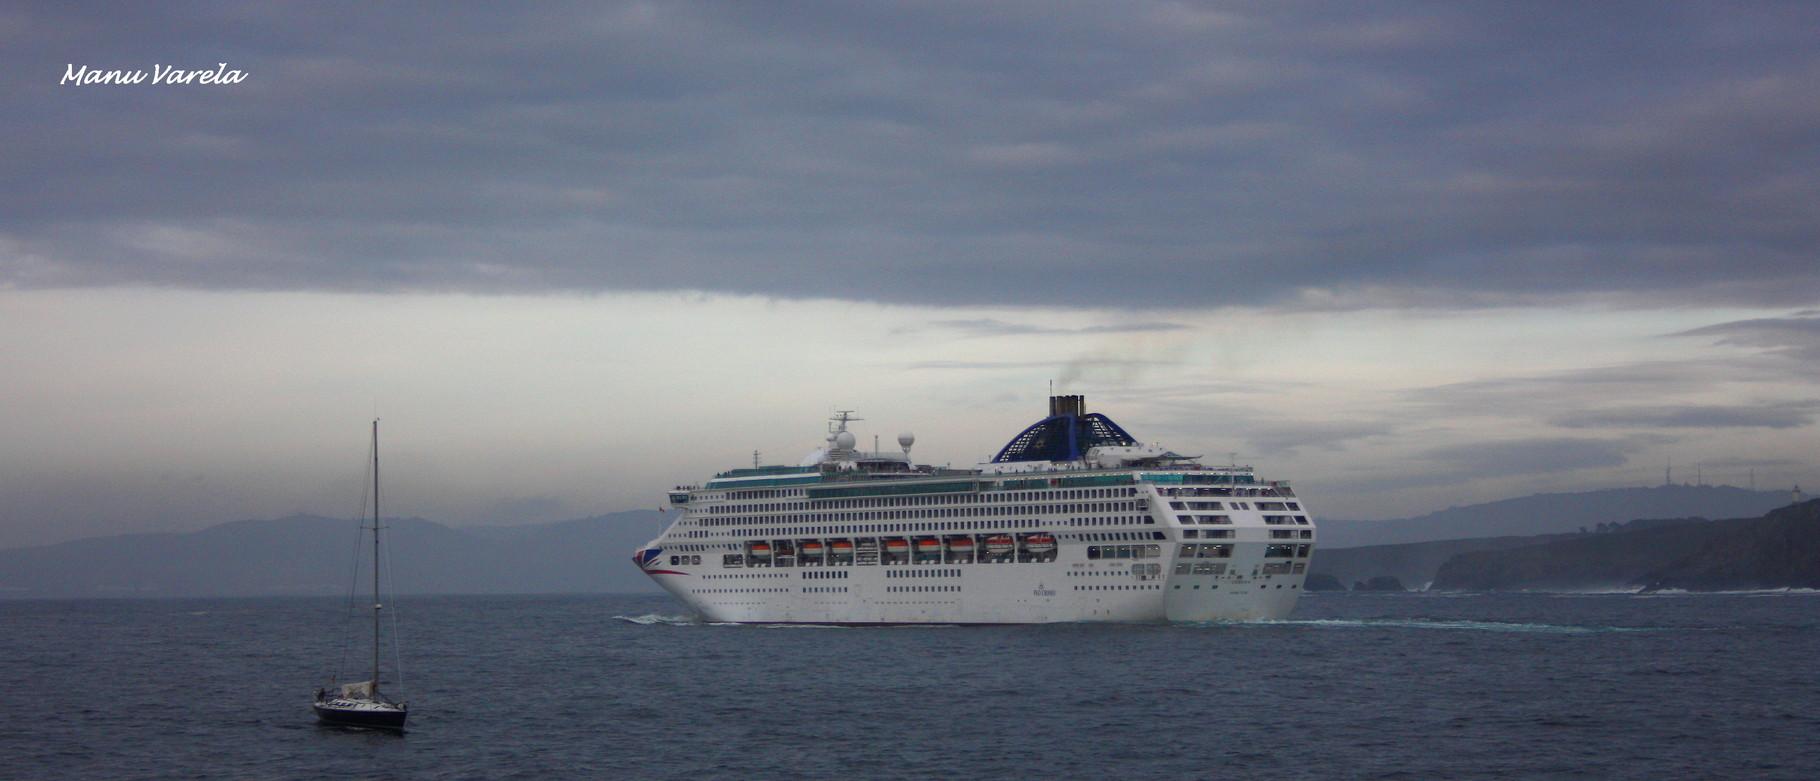 Oceana saliendo en un dia gris, de La Coruña